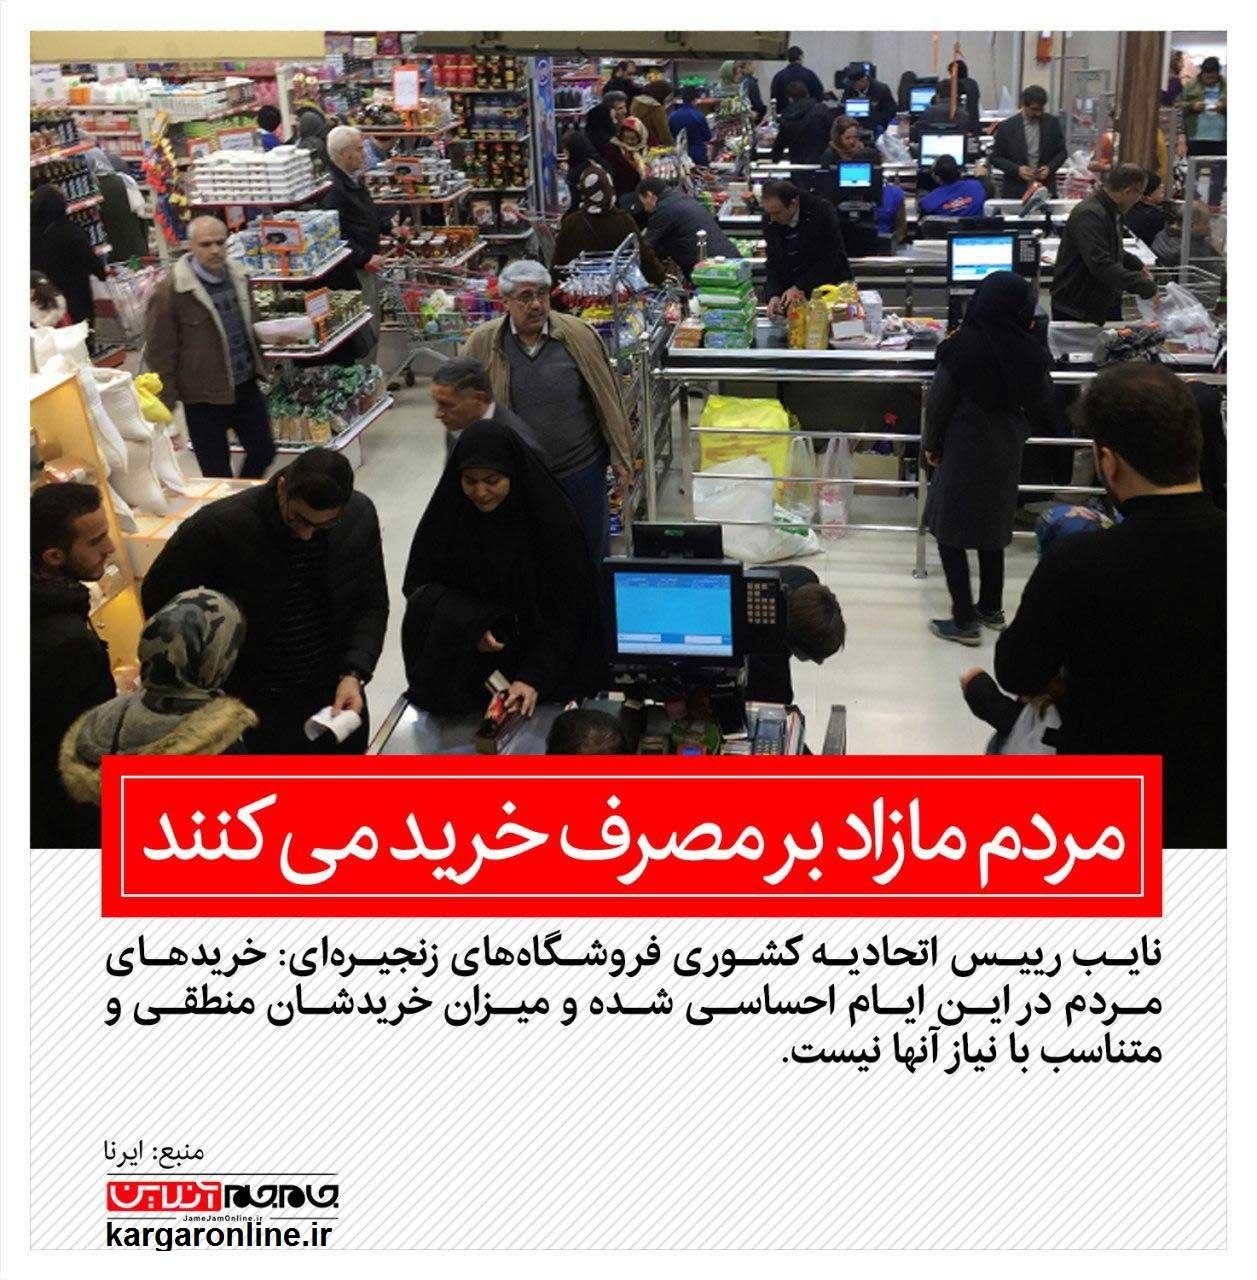 نایب رئیس اتحادیه کشوری فروشگاههای زنجیرهای: میزان خرید مردم منطقی نیست (+عکس)